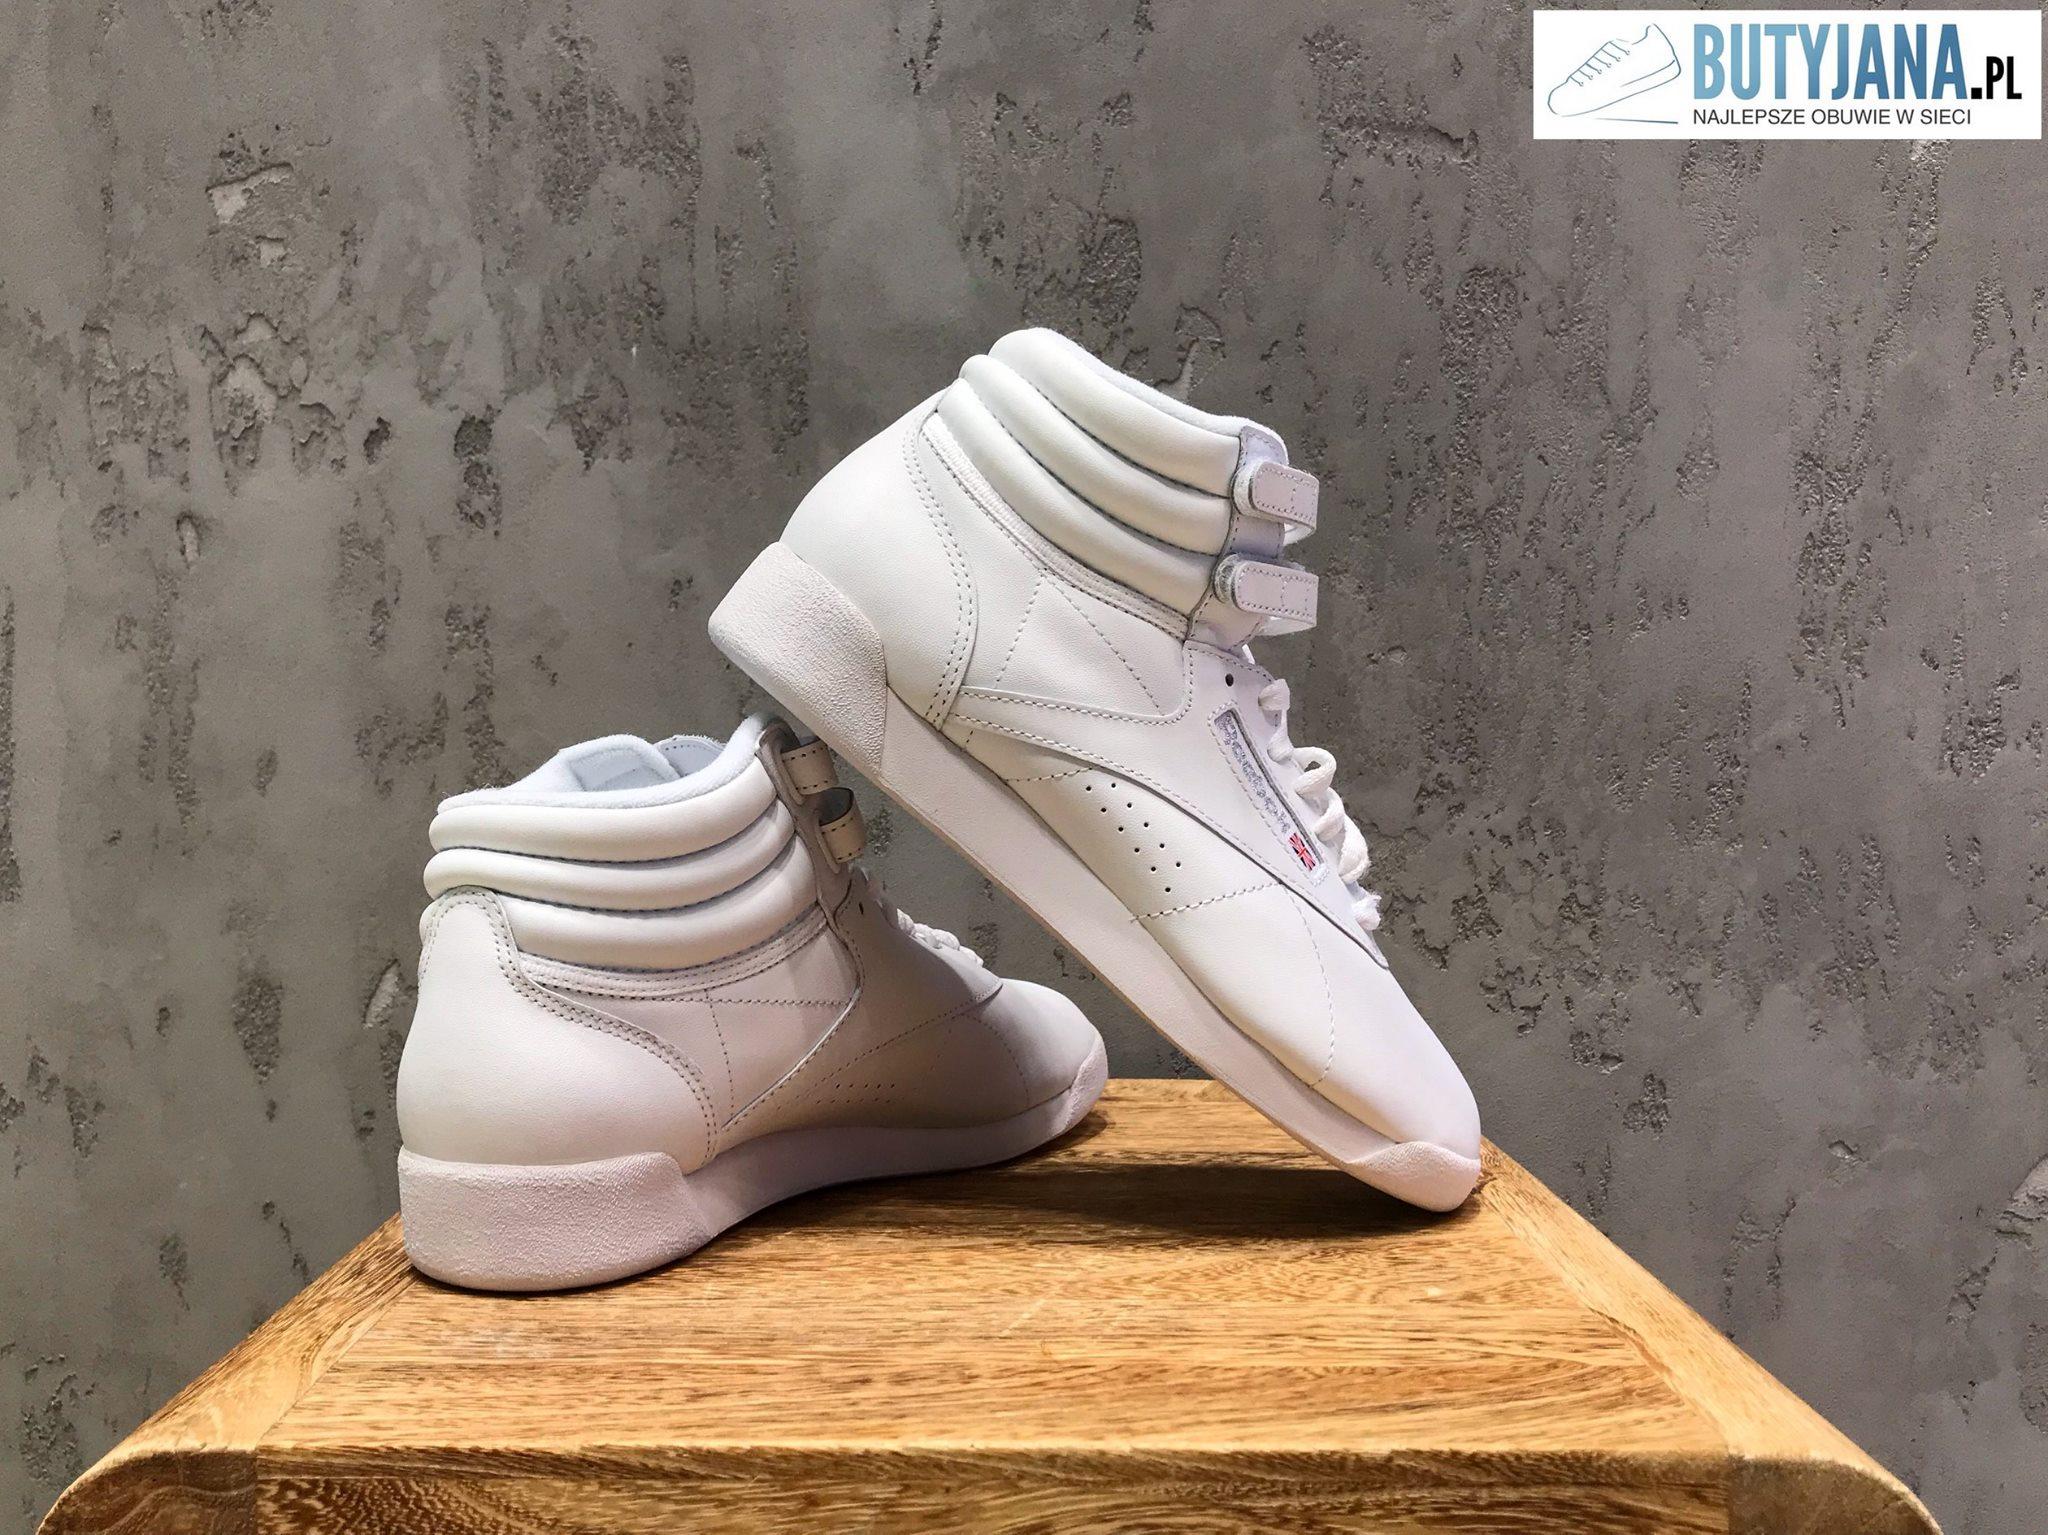 469b7839d99 Wyprzedaż modelu Reebok Classic Leather 50151! – Butyjana.pl